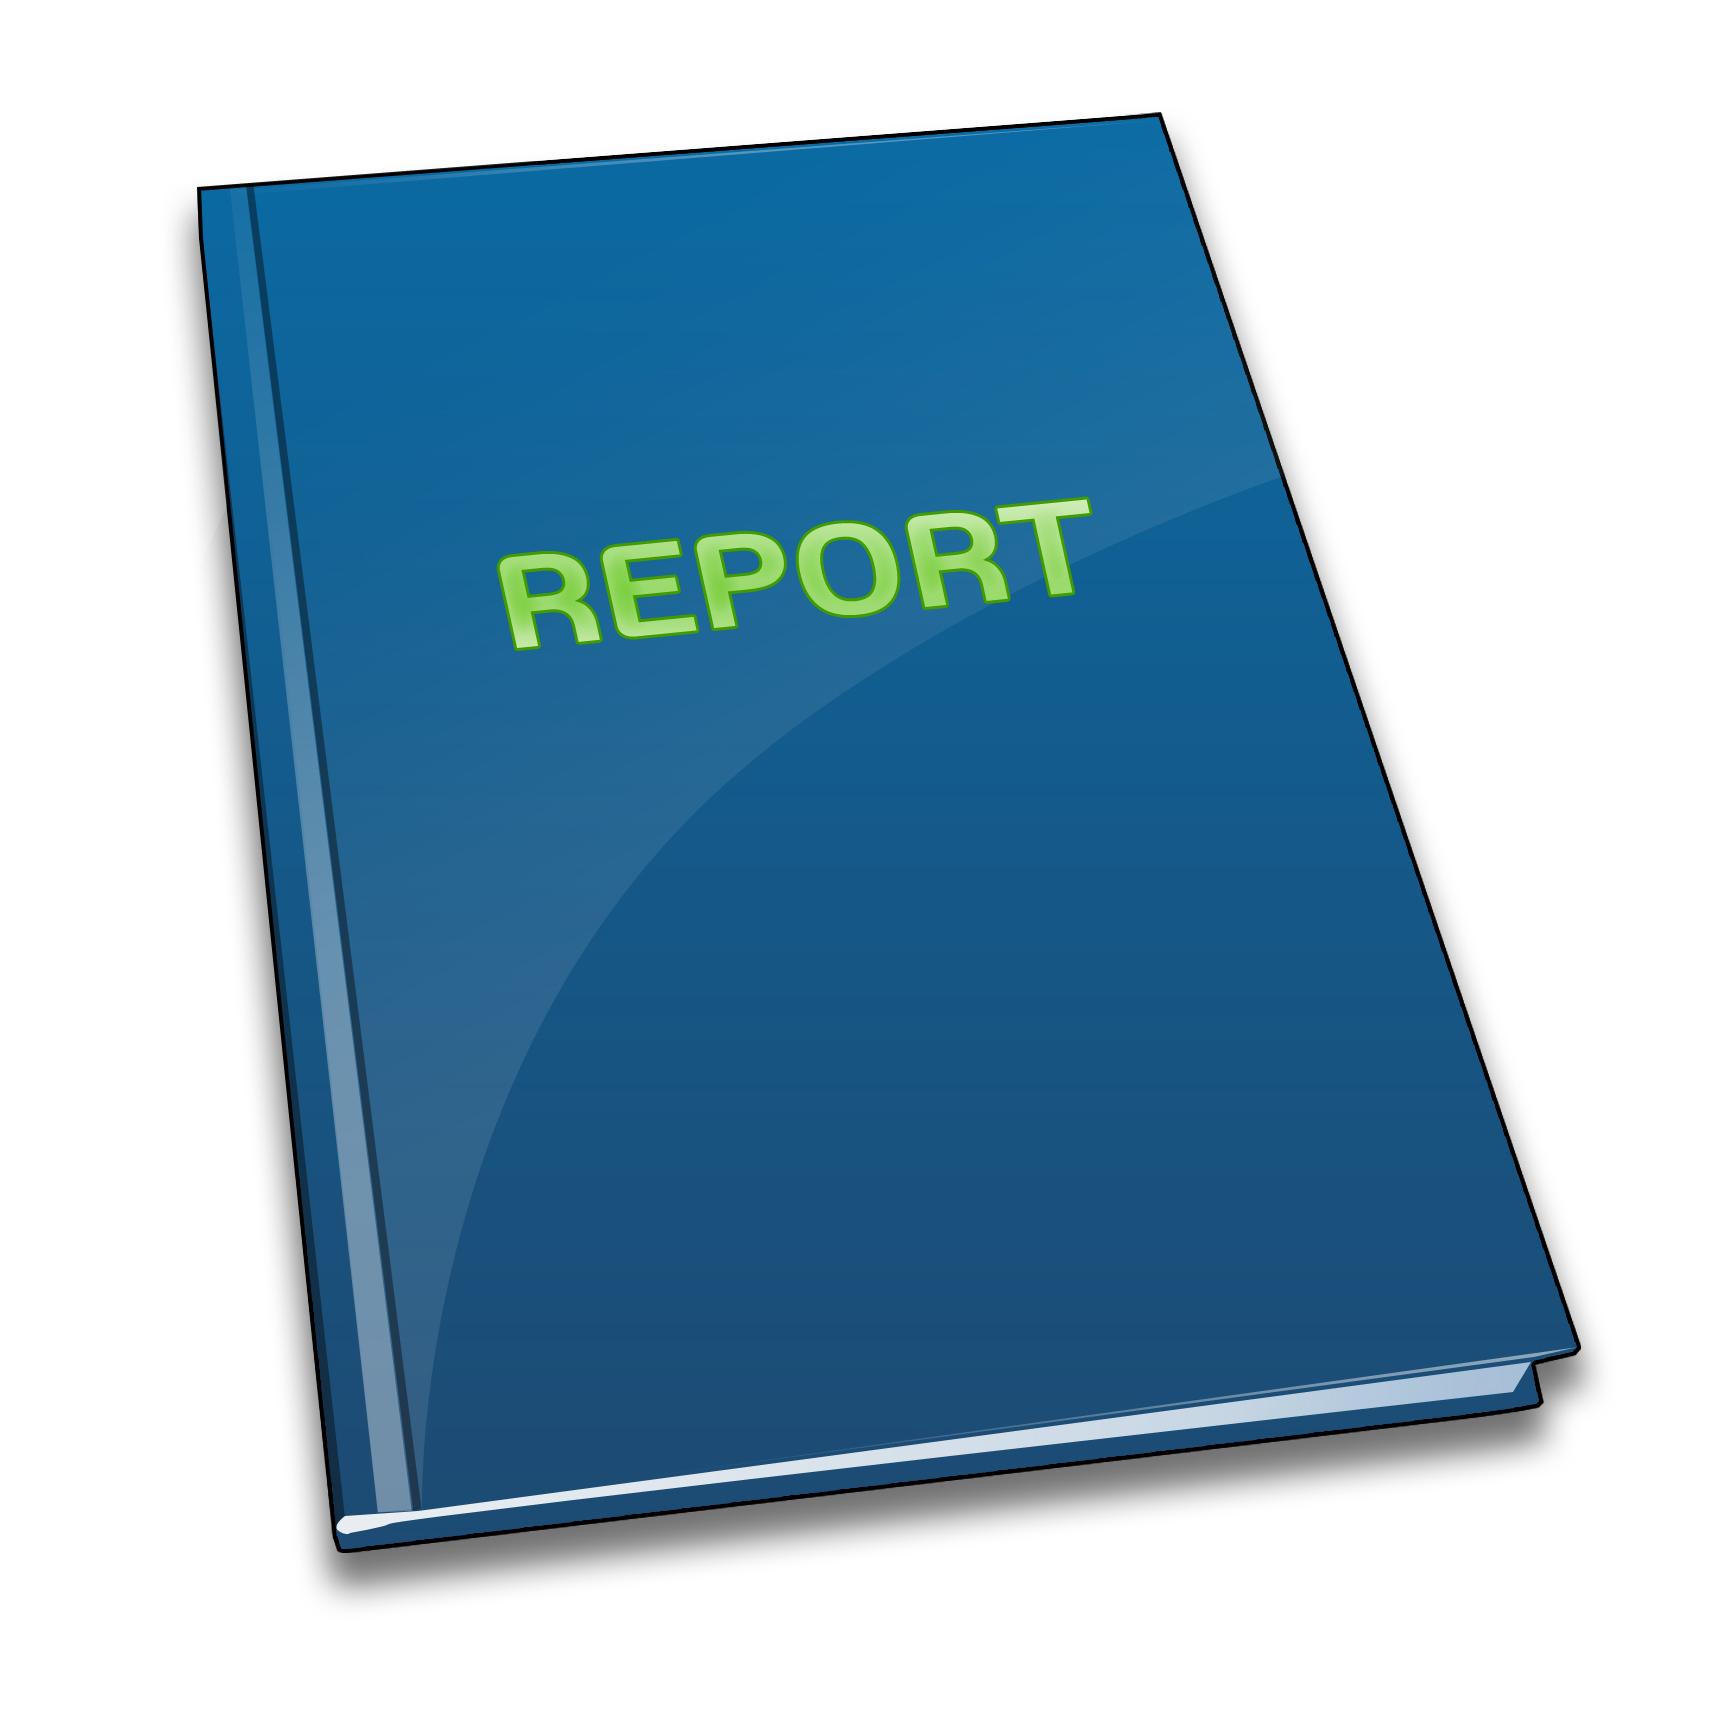 apwa, report, eum